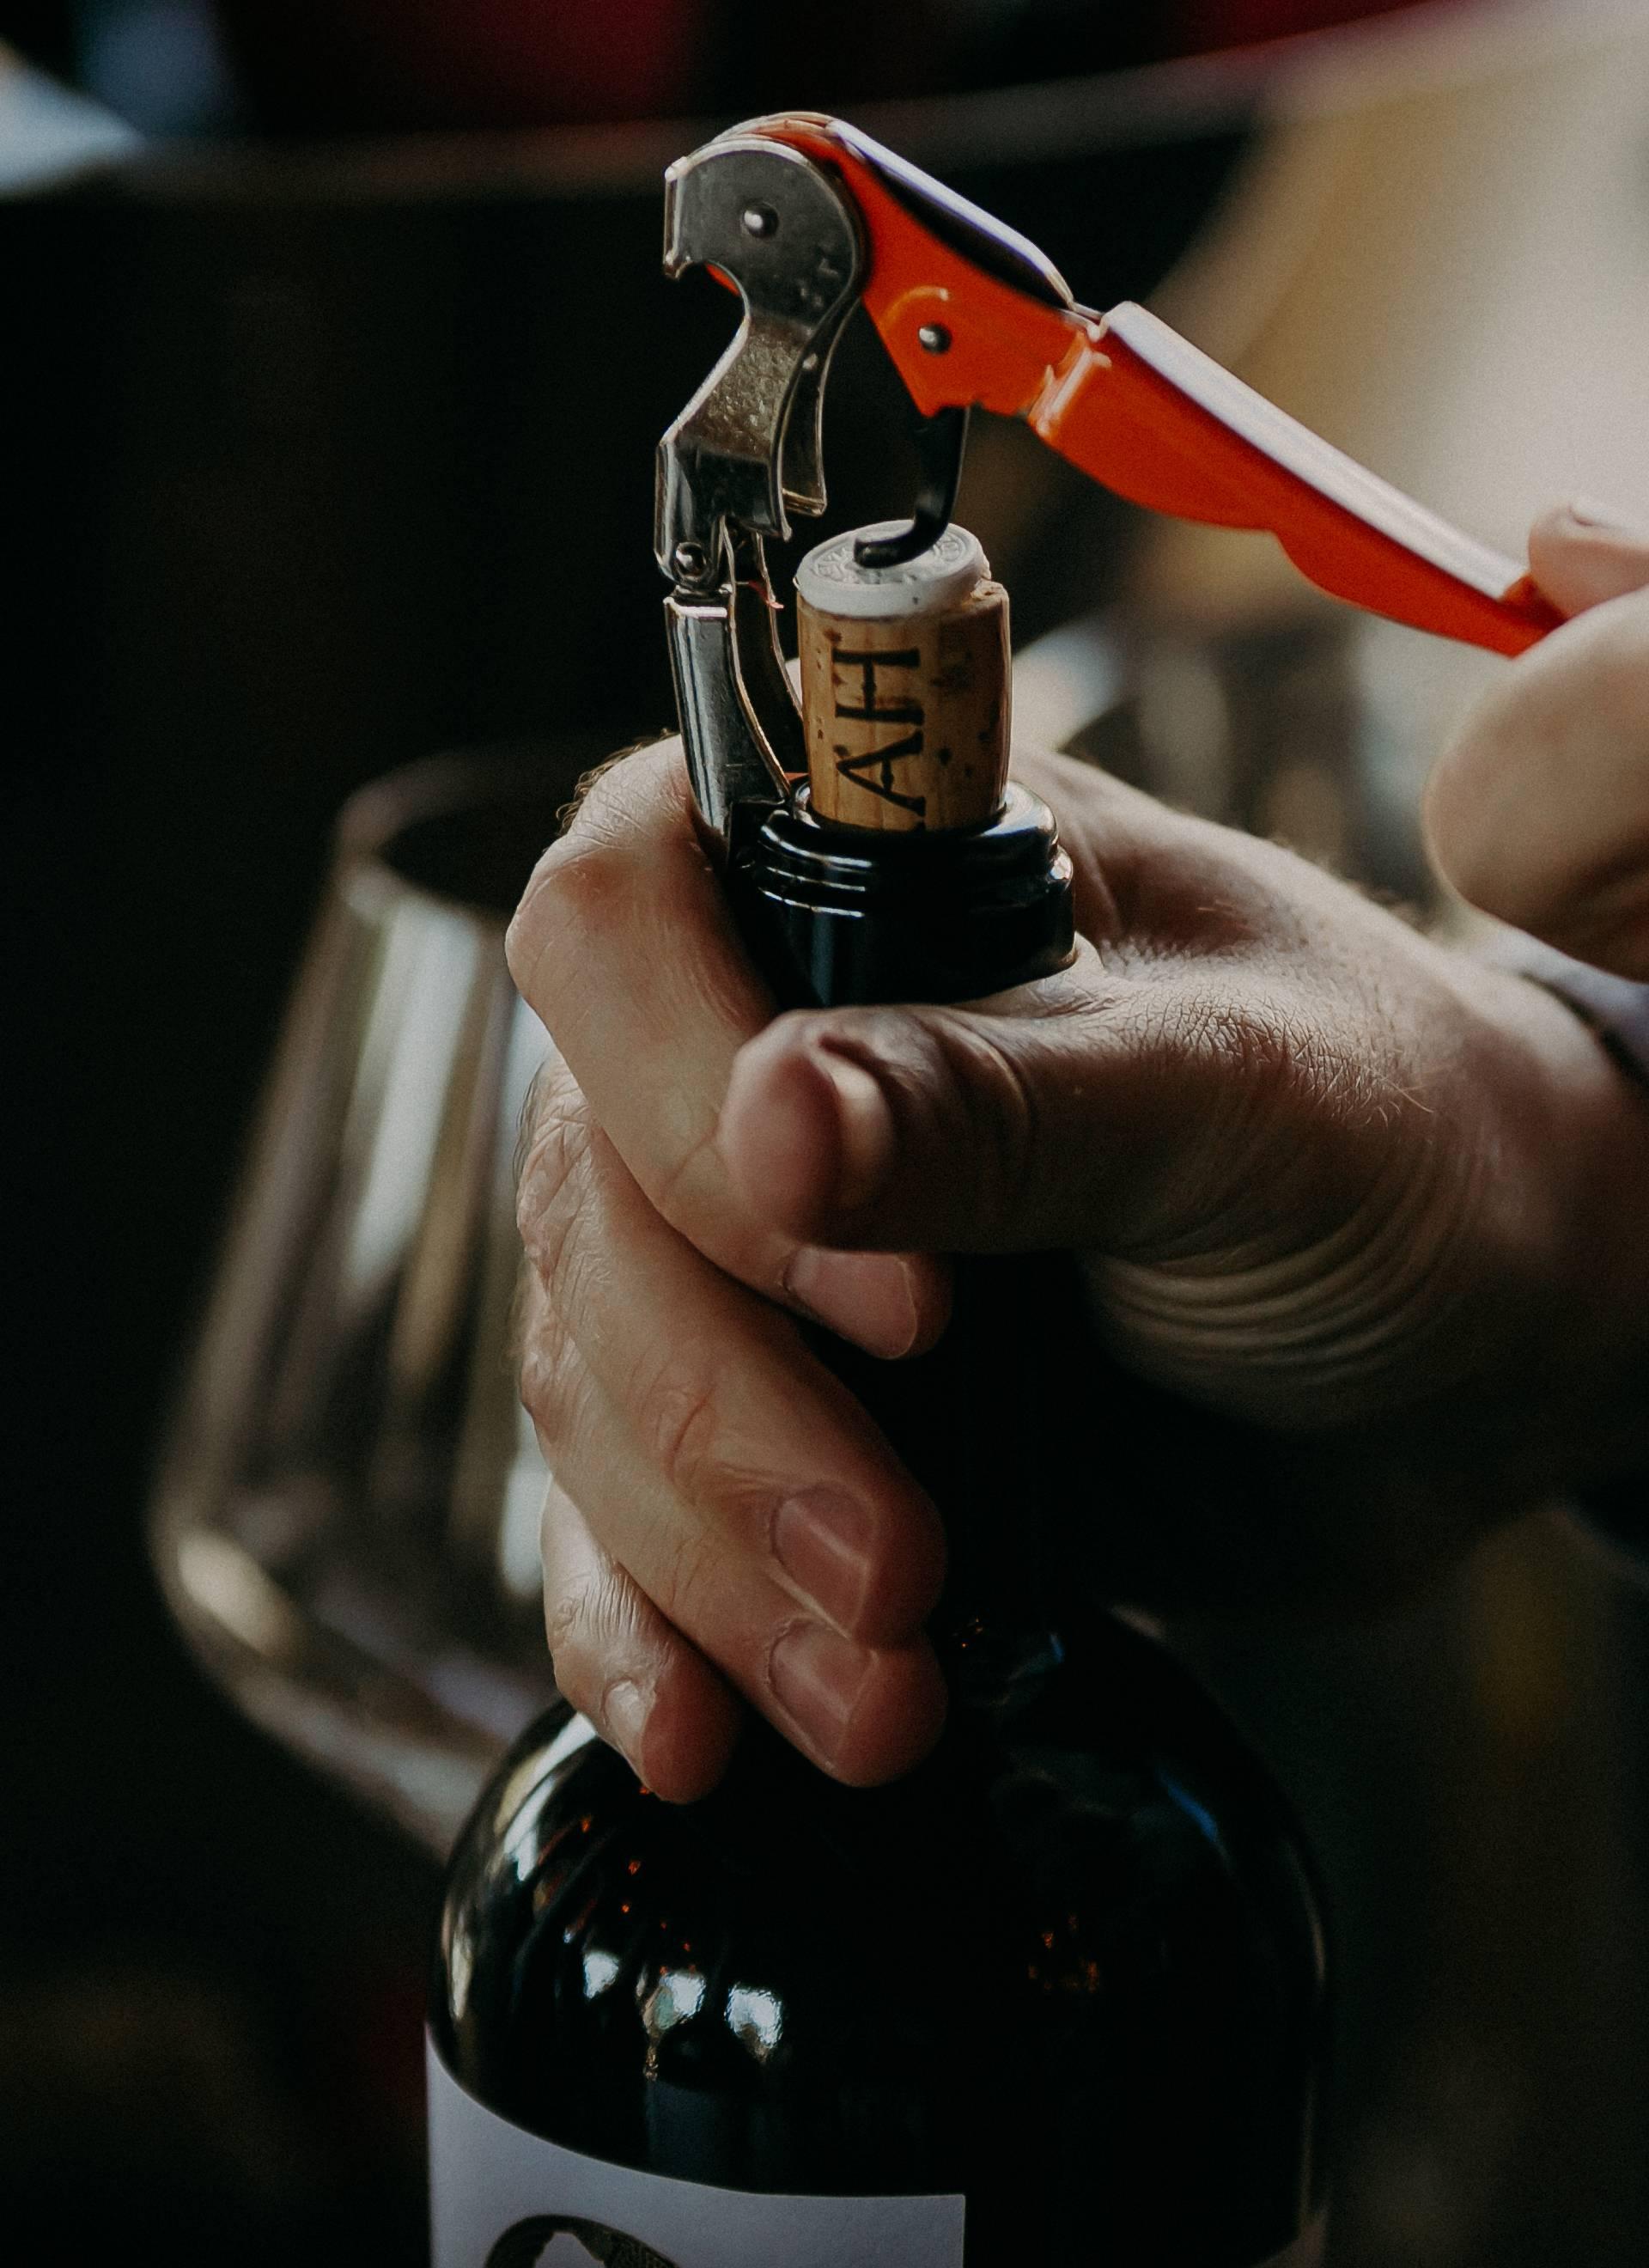 Osam načina kako otvoriti bocu vina ako pri ruci nemate otvarač